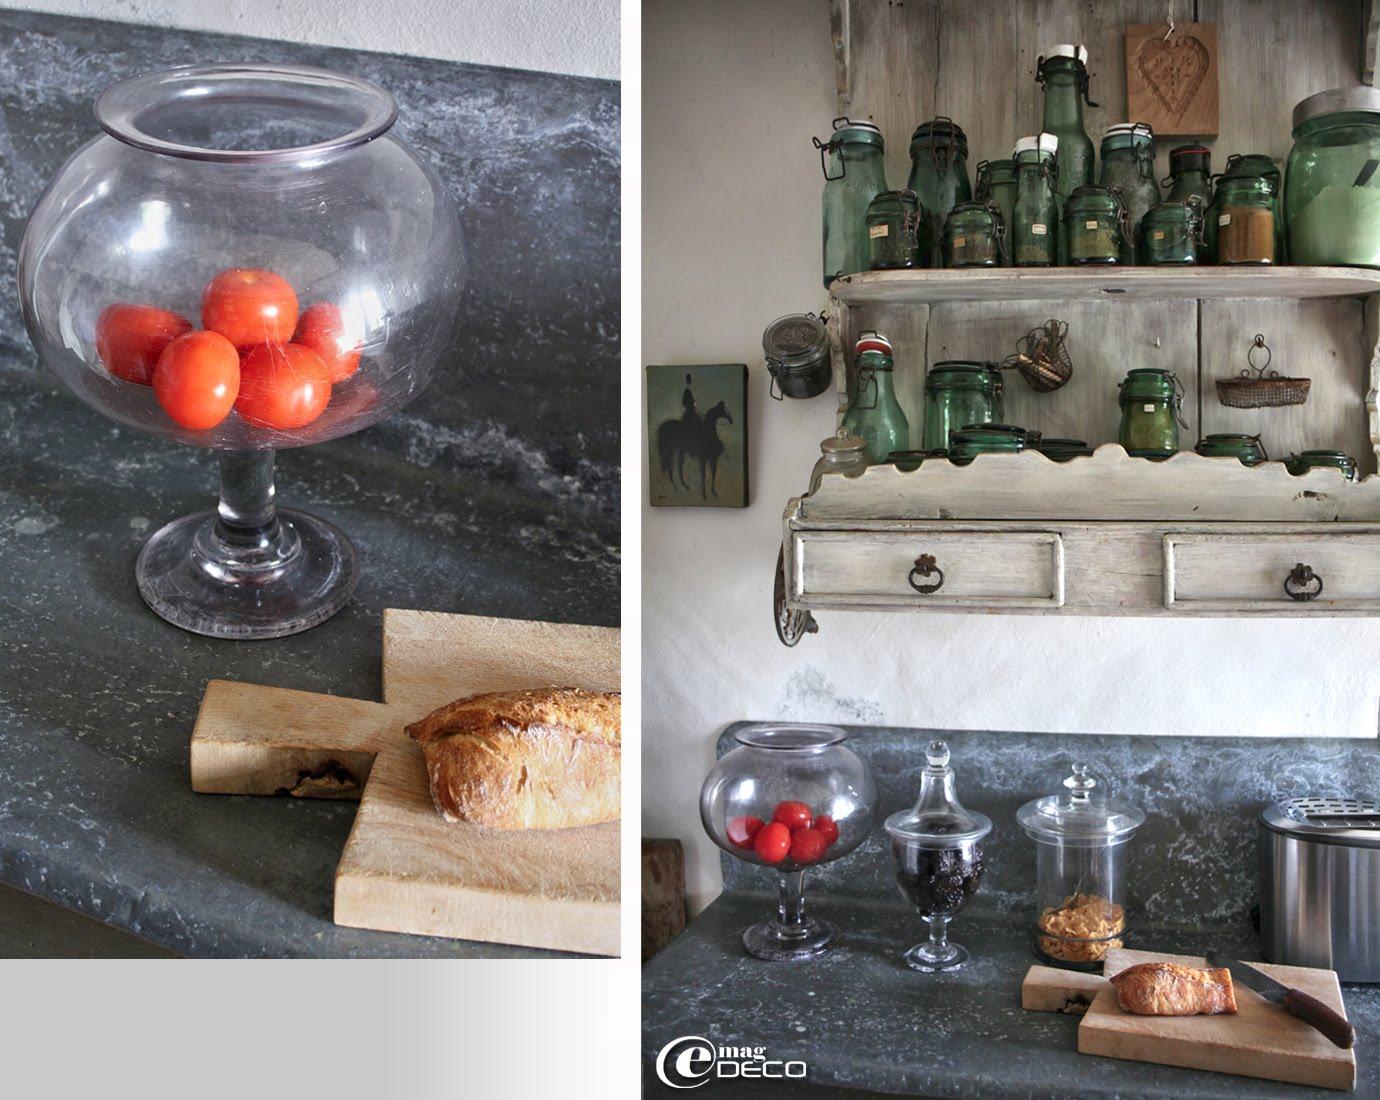 Bocal à sangsues détourné dans une cuisine et collection de bocaux de conserve en verre chinés